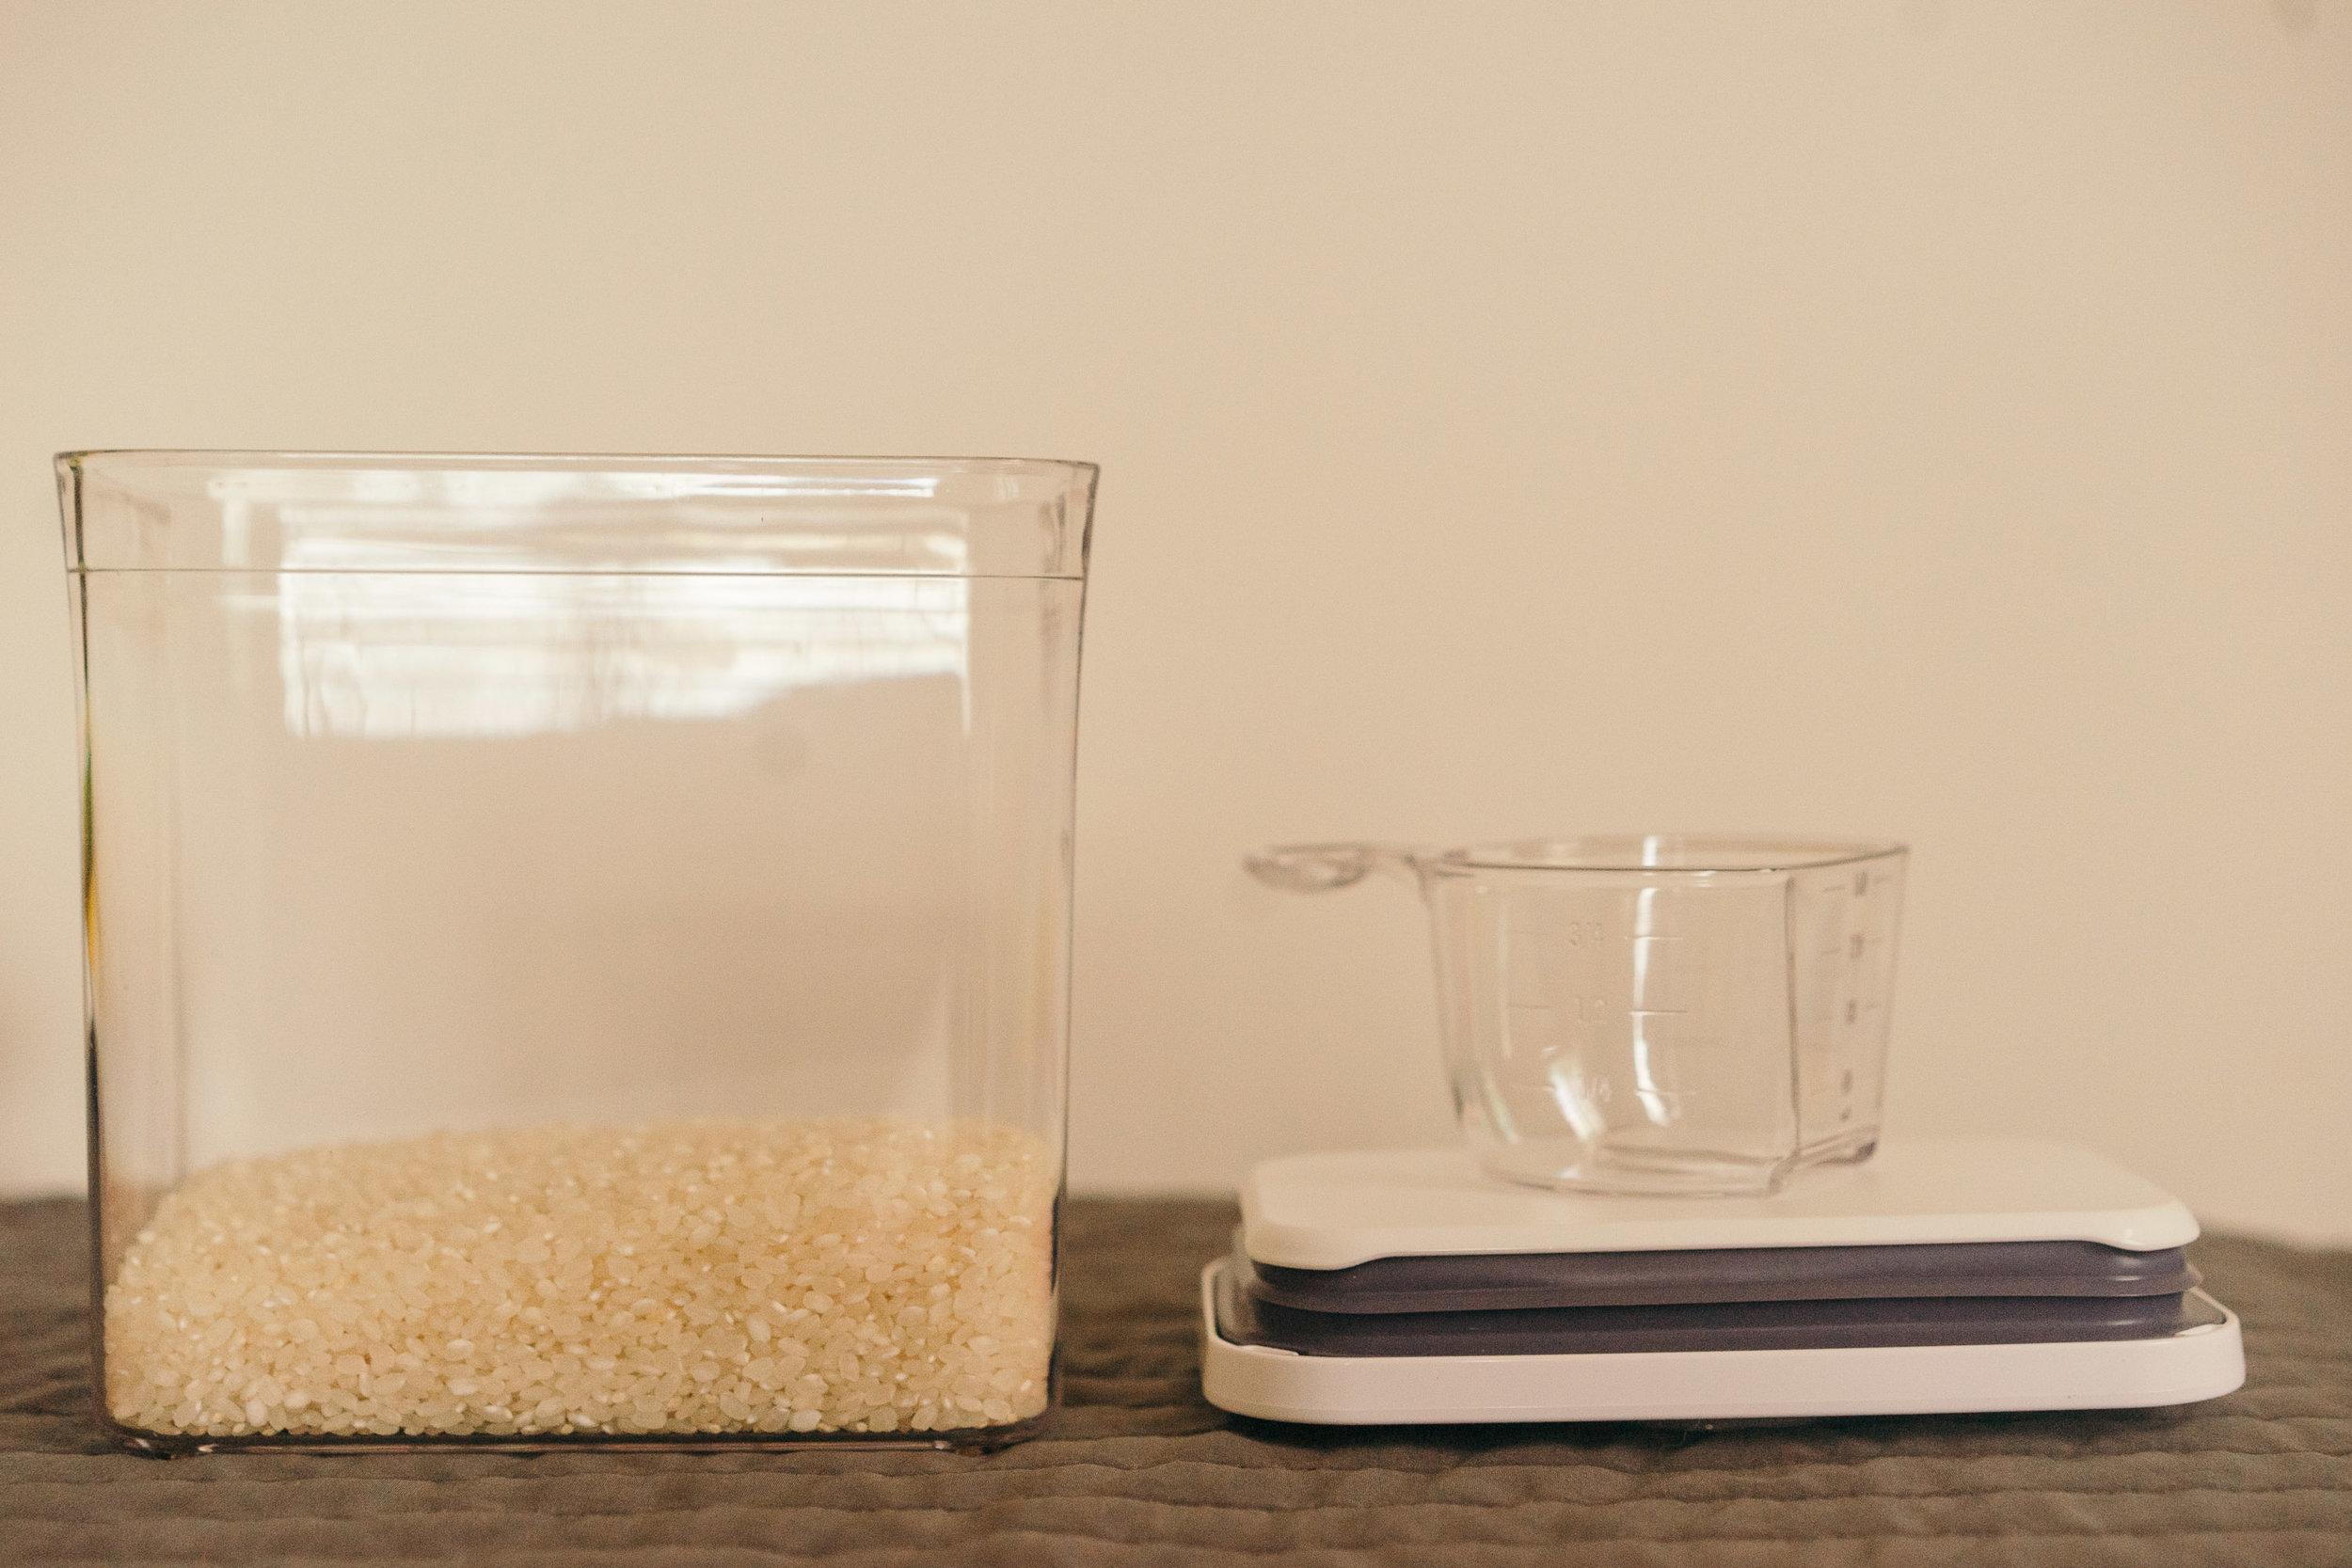 還可以兼具量杯刻度功能的勺子